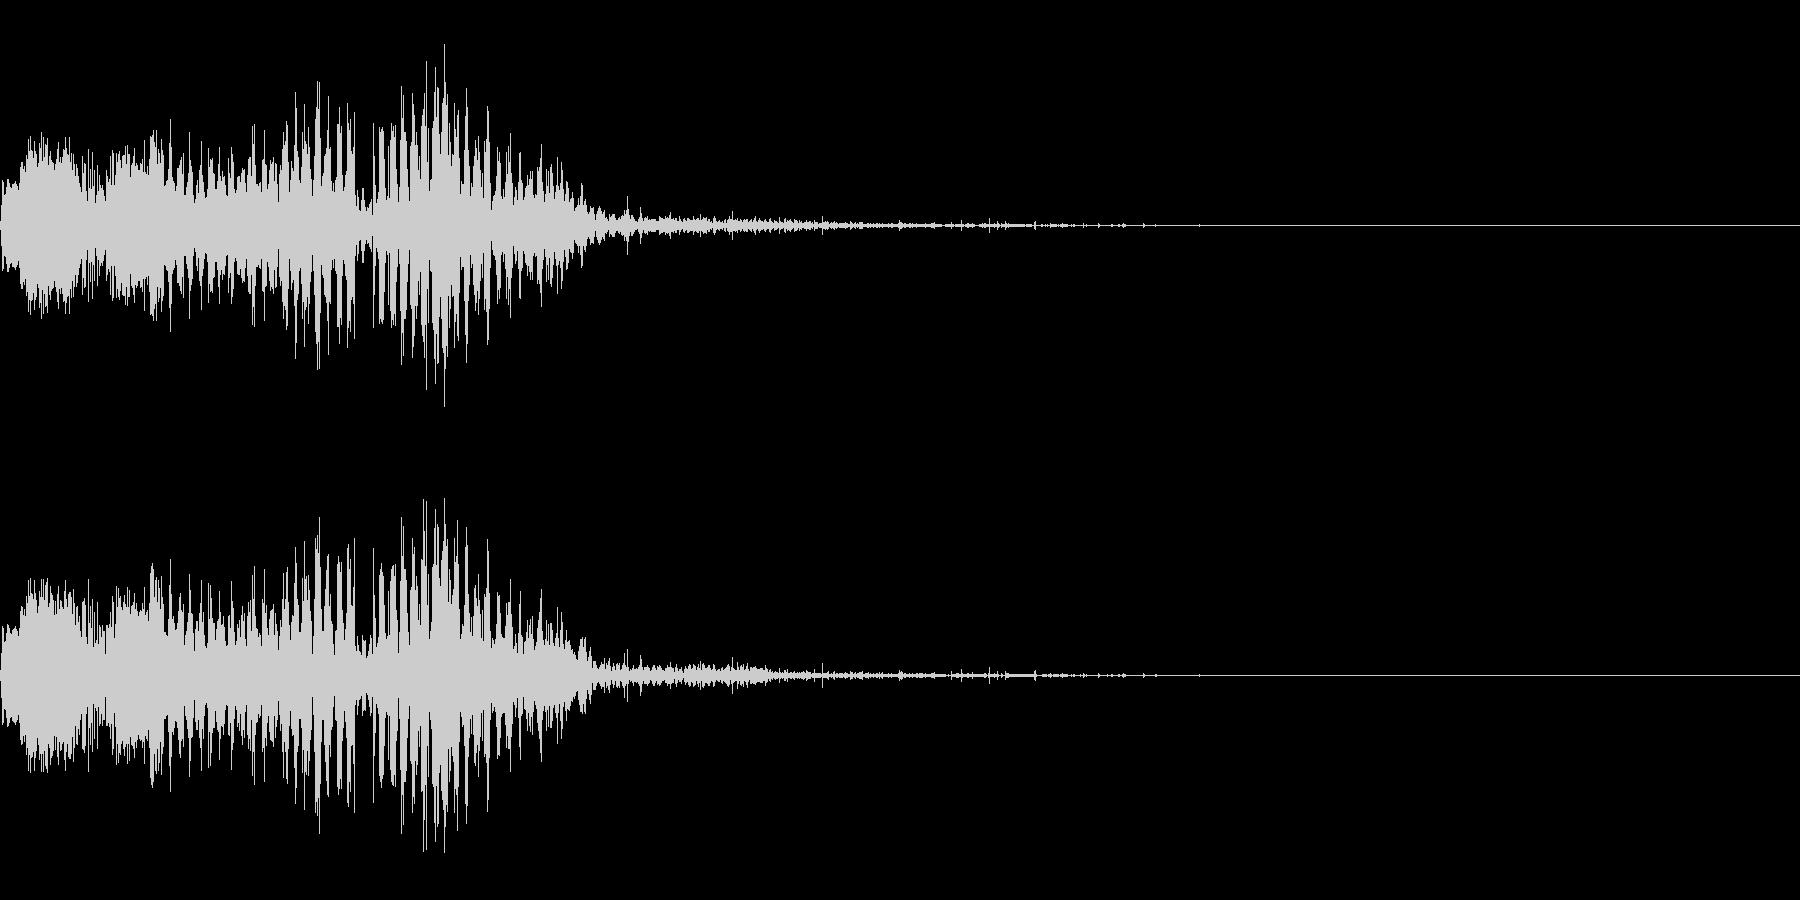 スパーク音-36の未再生の波形